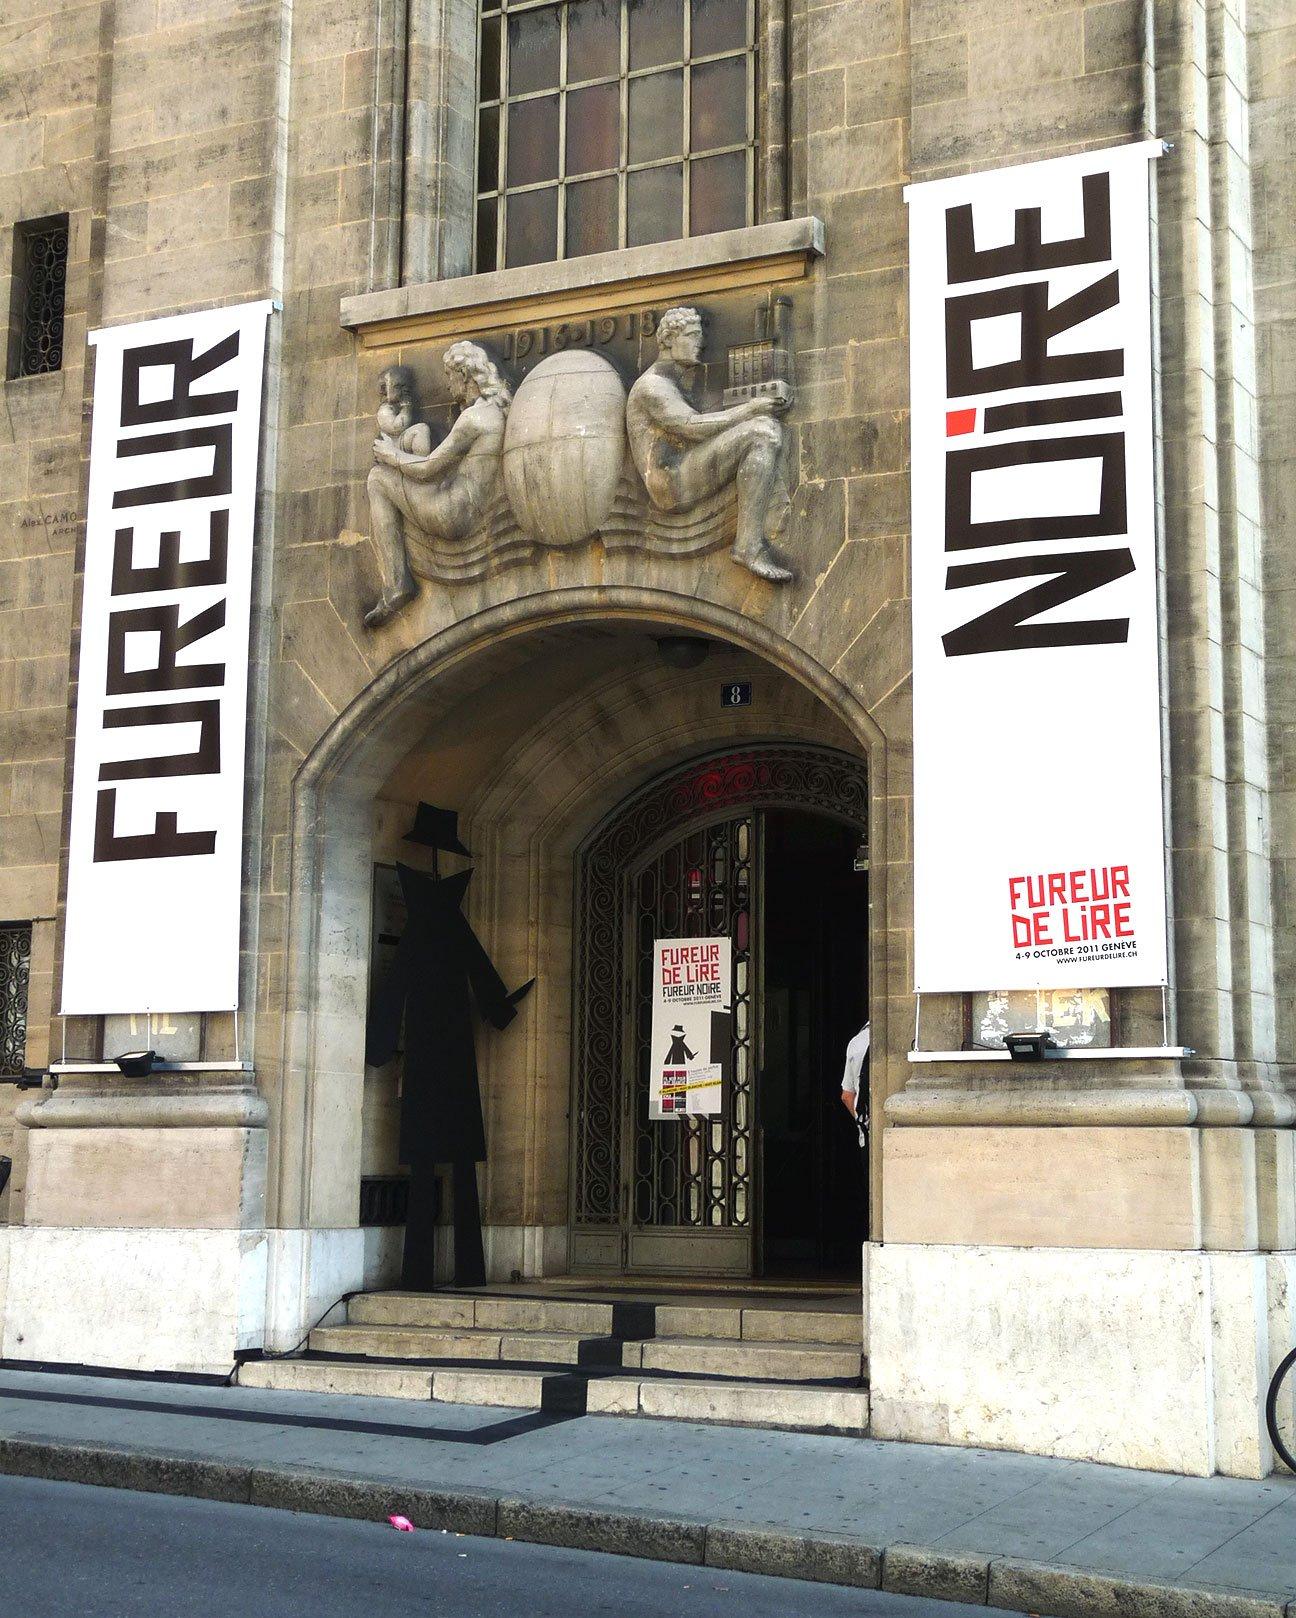 fabien_cuffel_festival_litteraire_fureur_lire_2011_siganletique_terreaux_temple